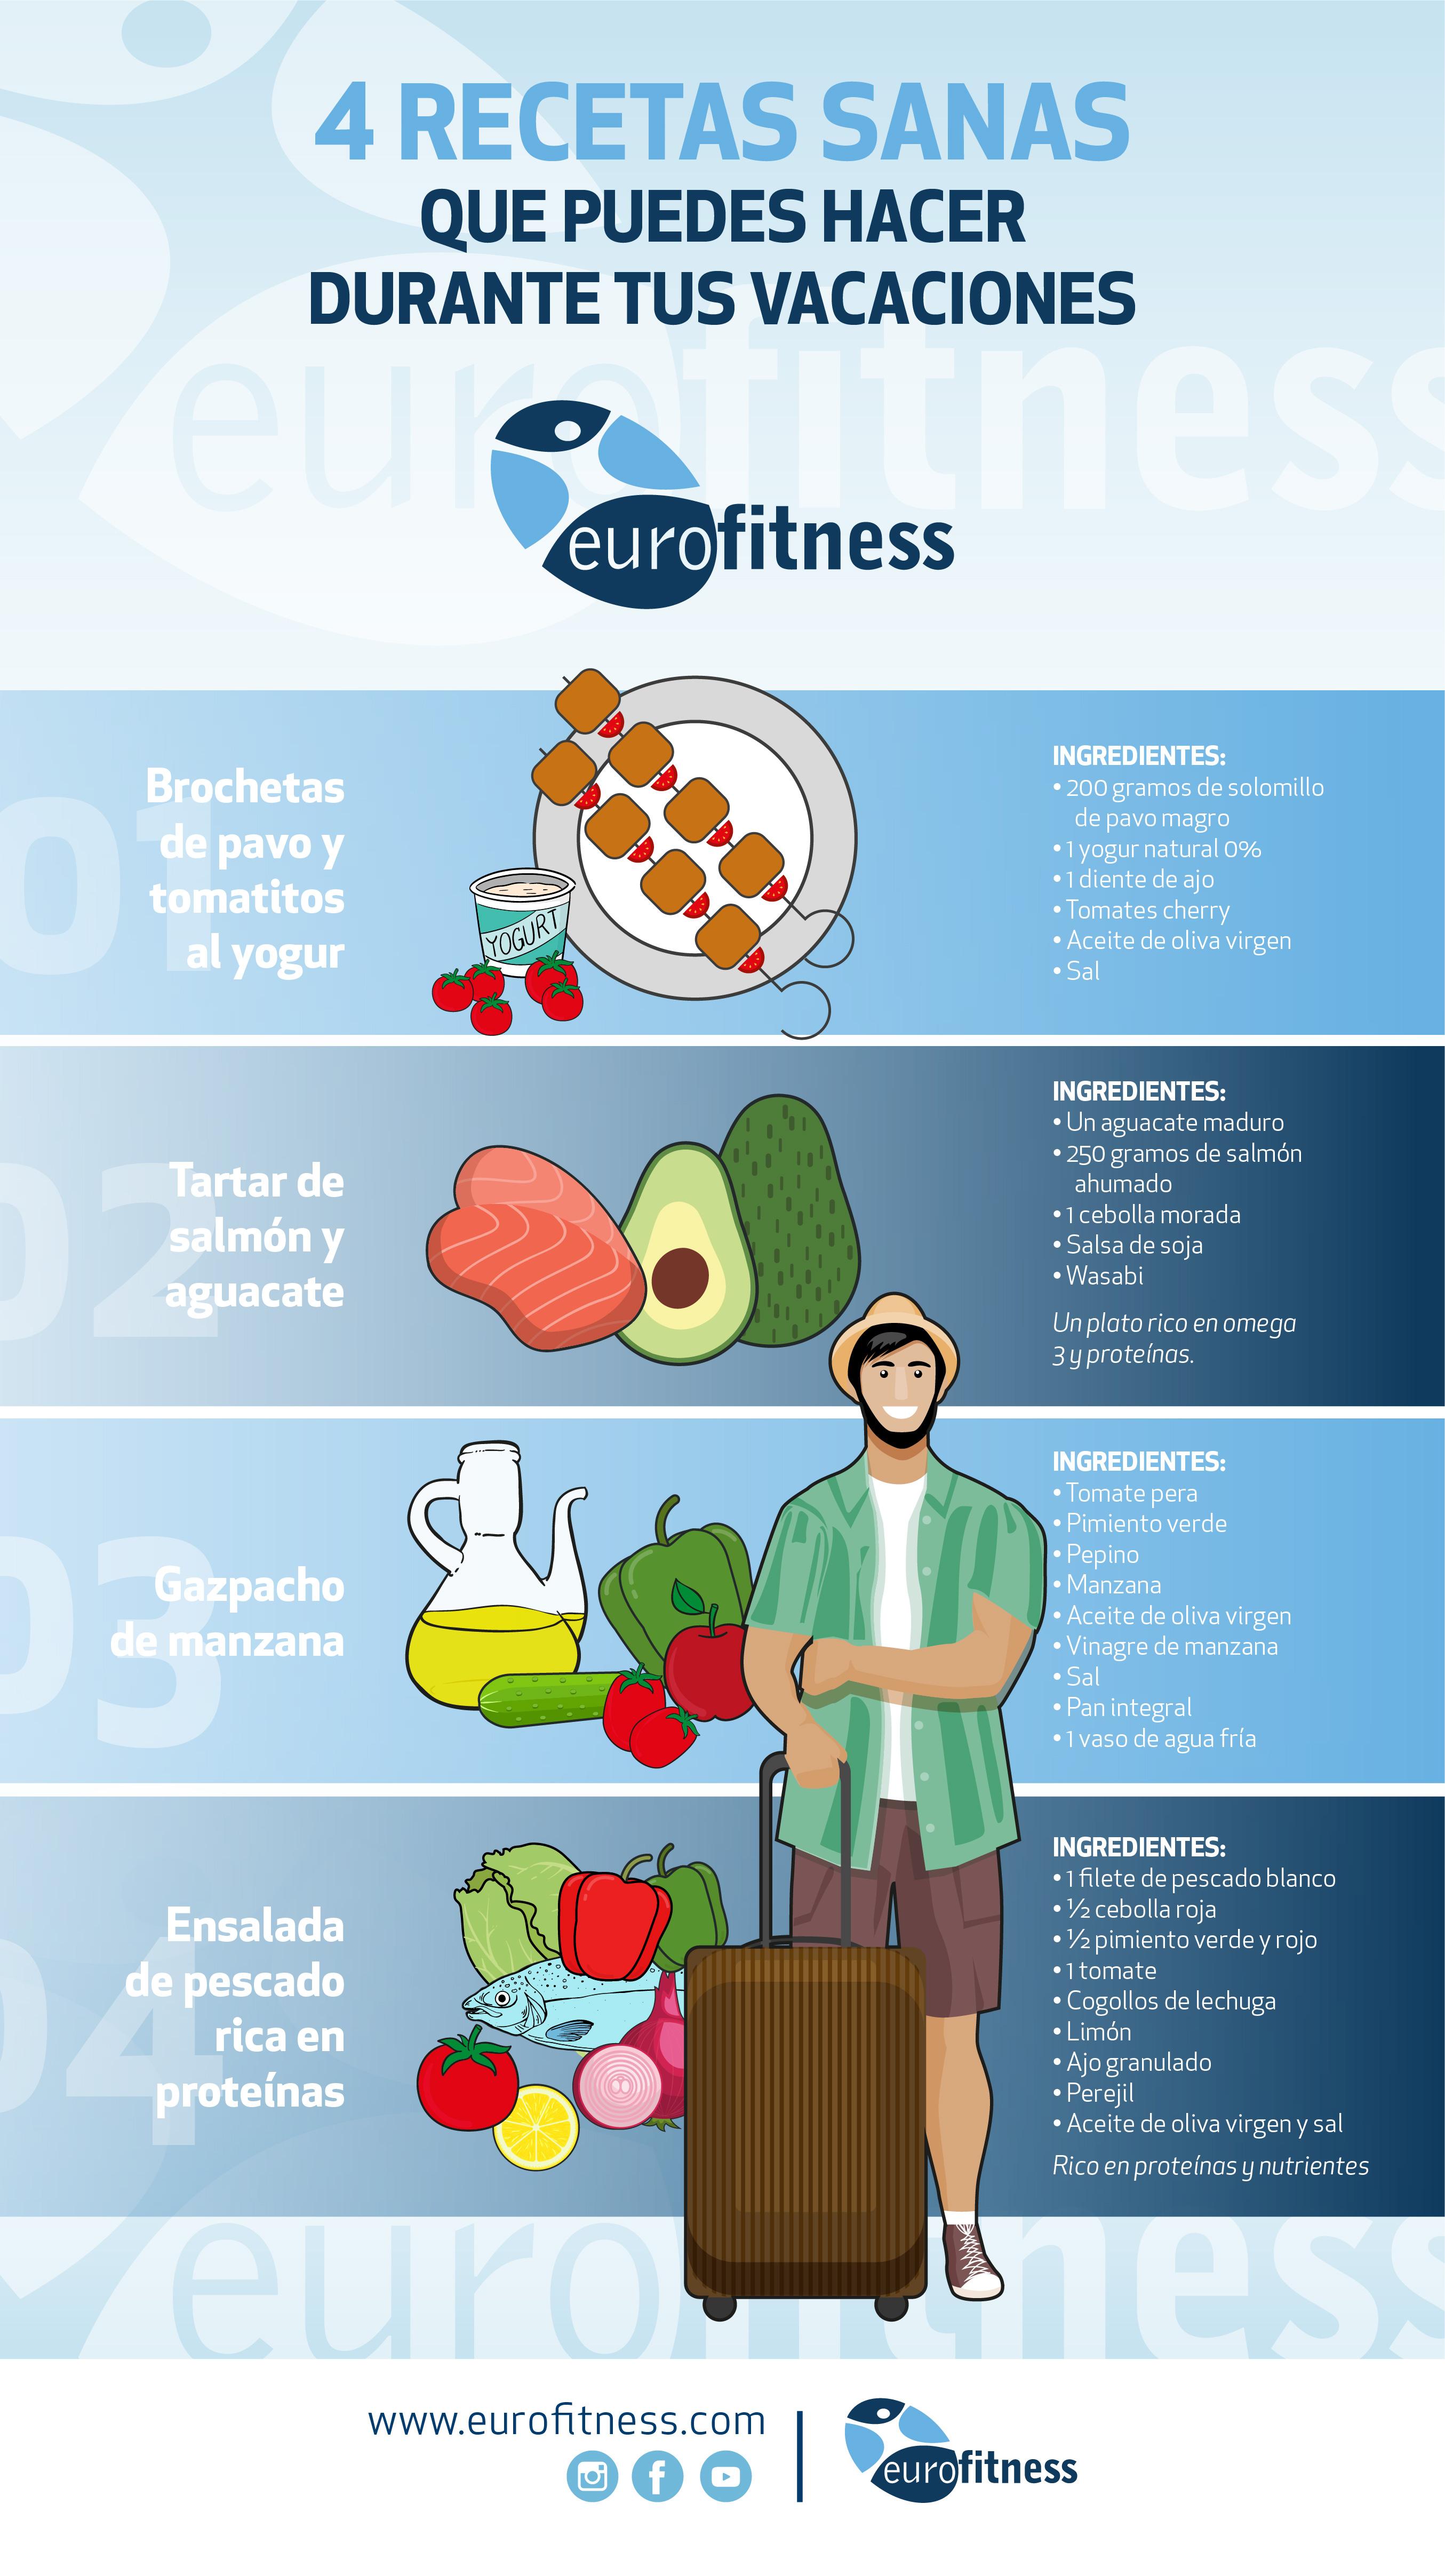 Recetas-faciles-saludables-verano